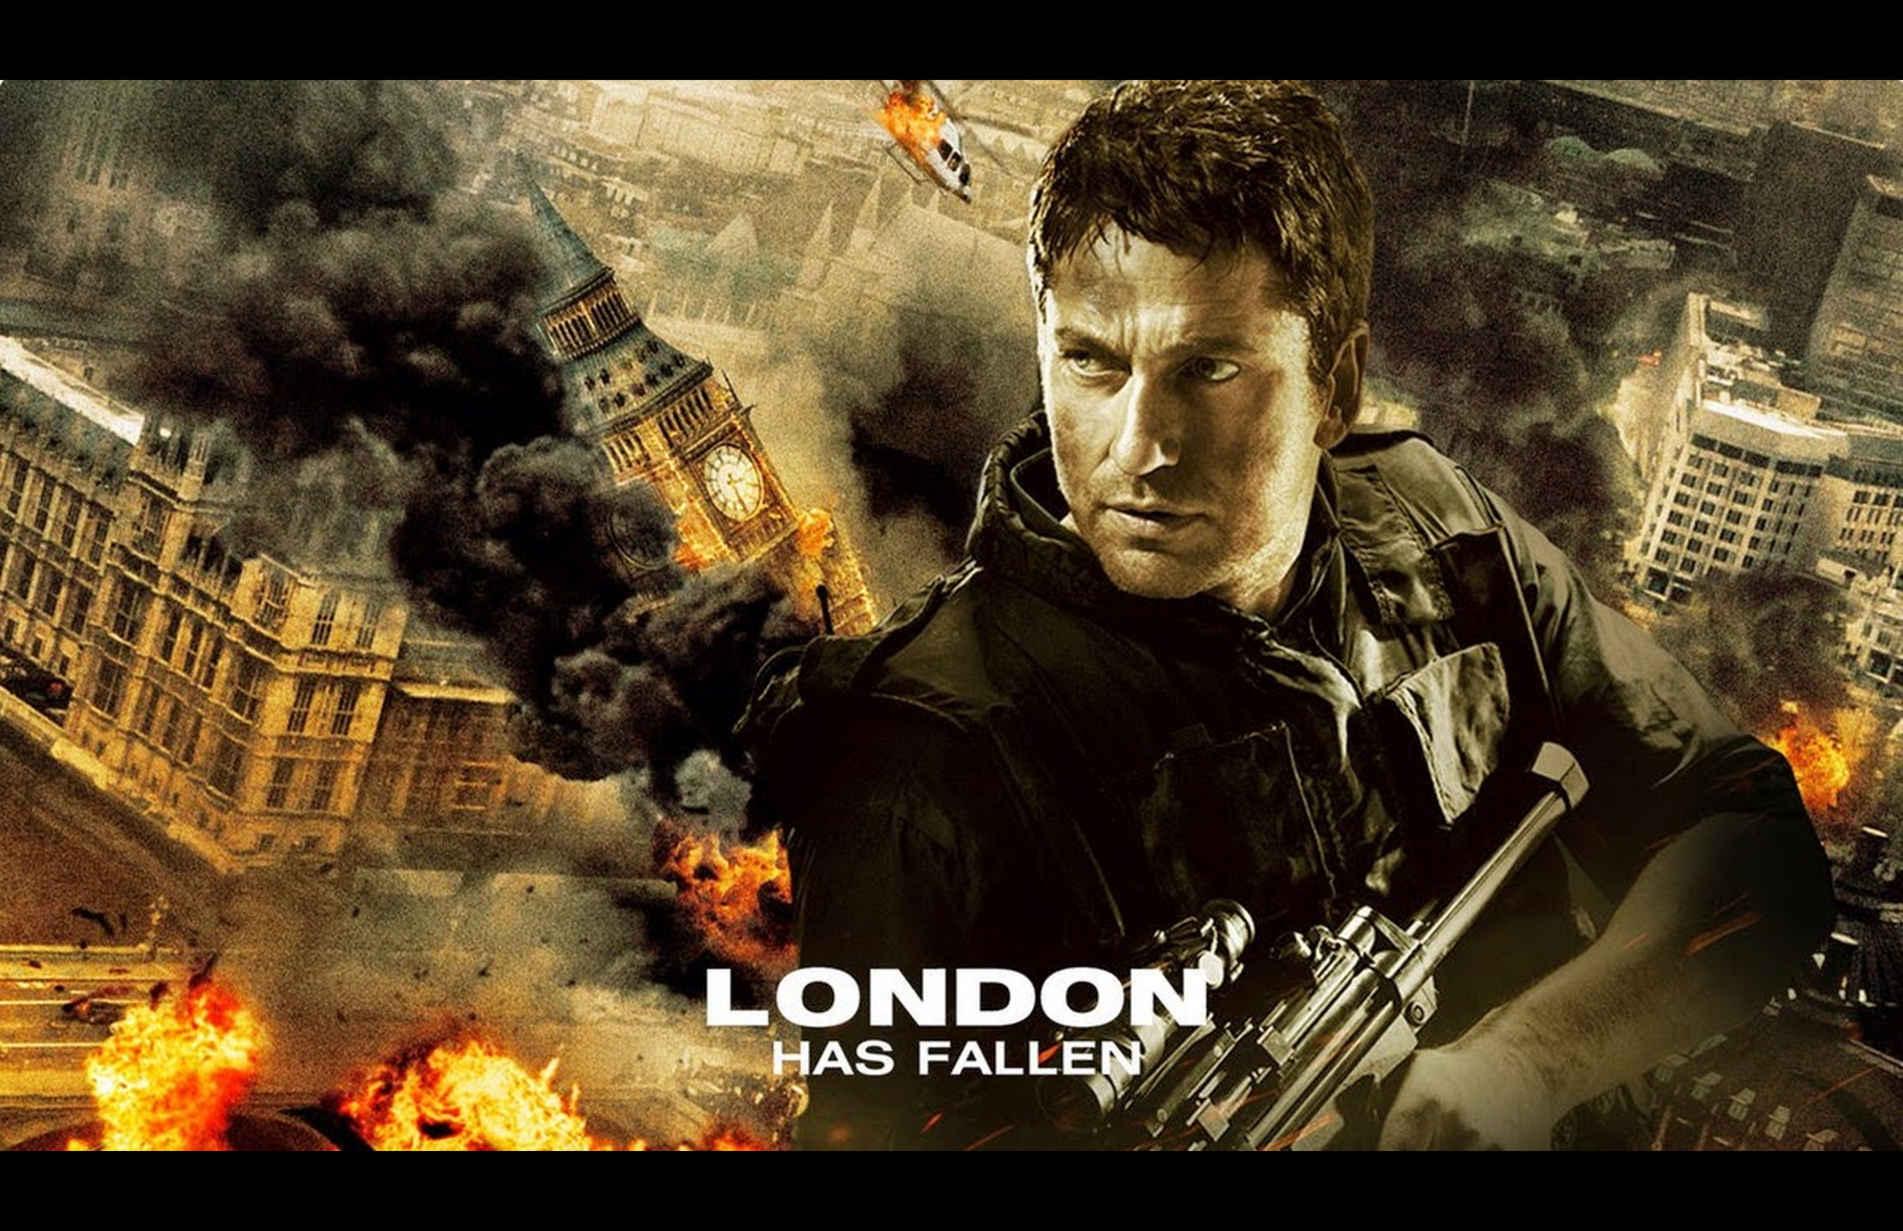 London Has Fallen Wallpaper 1903x1231